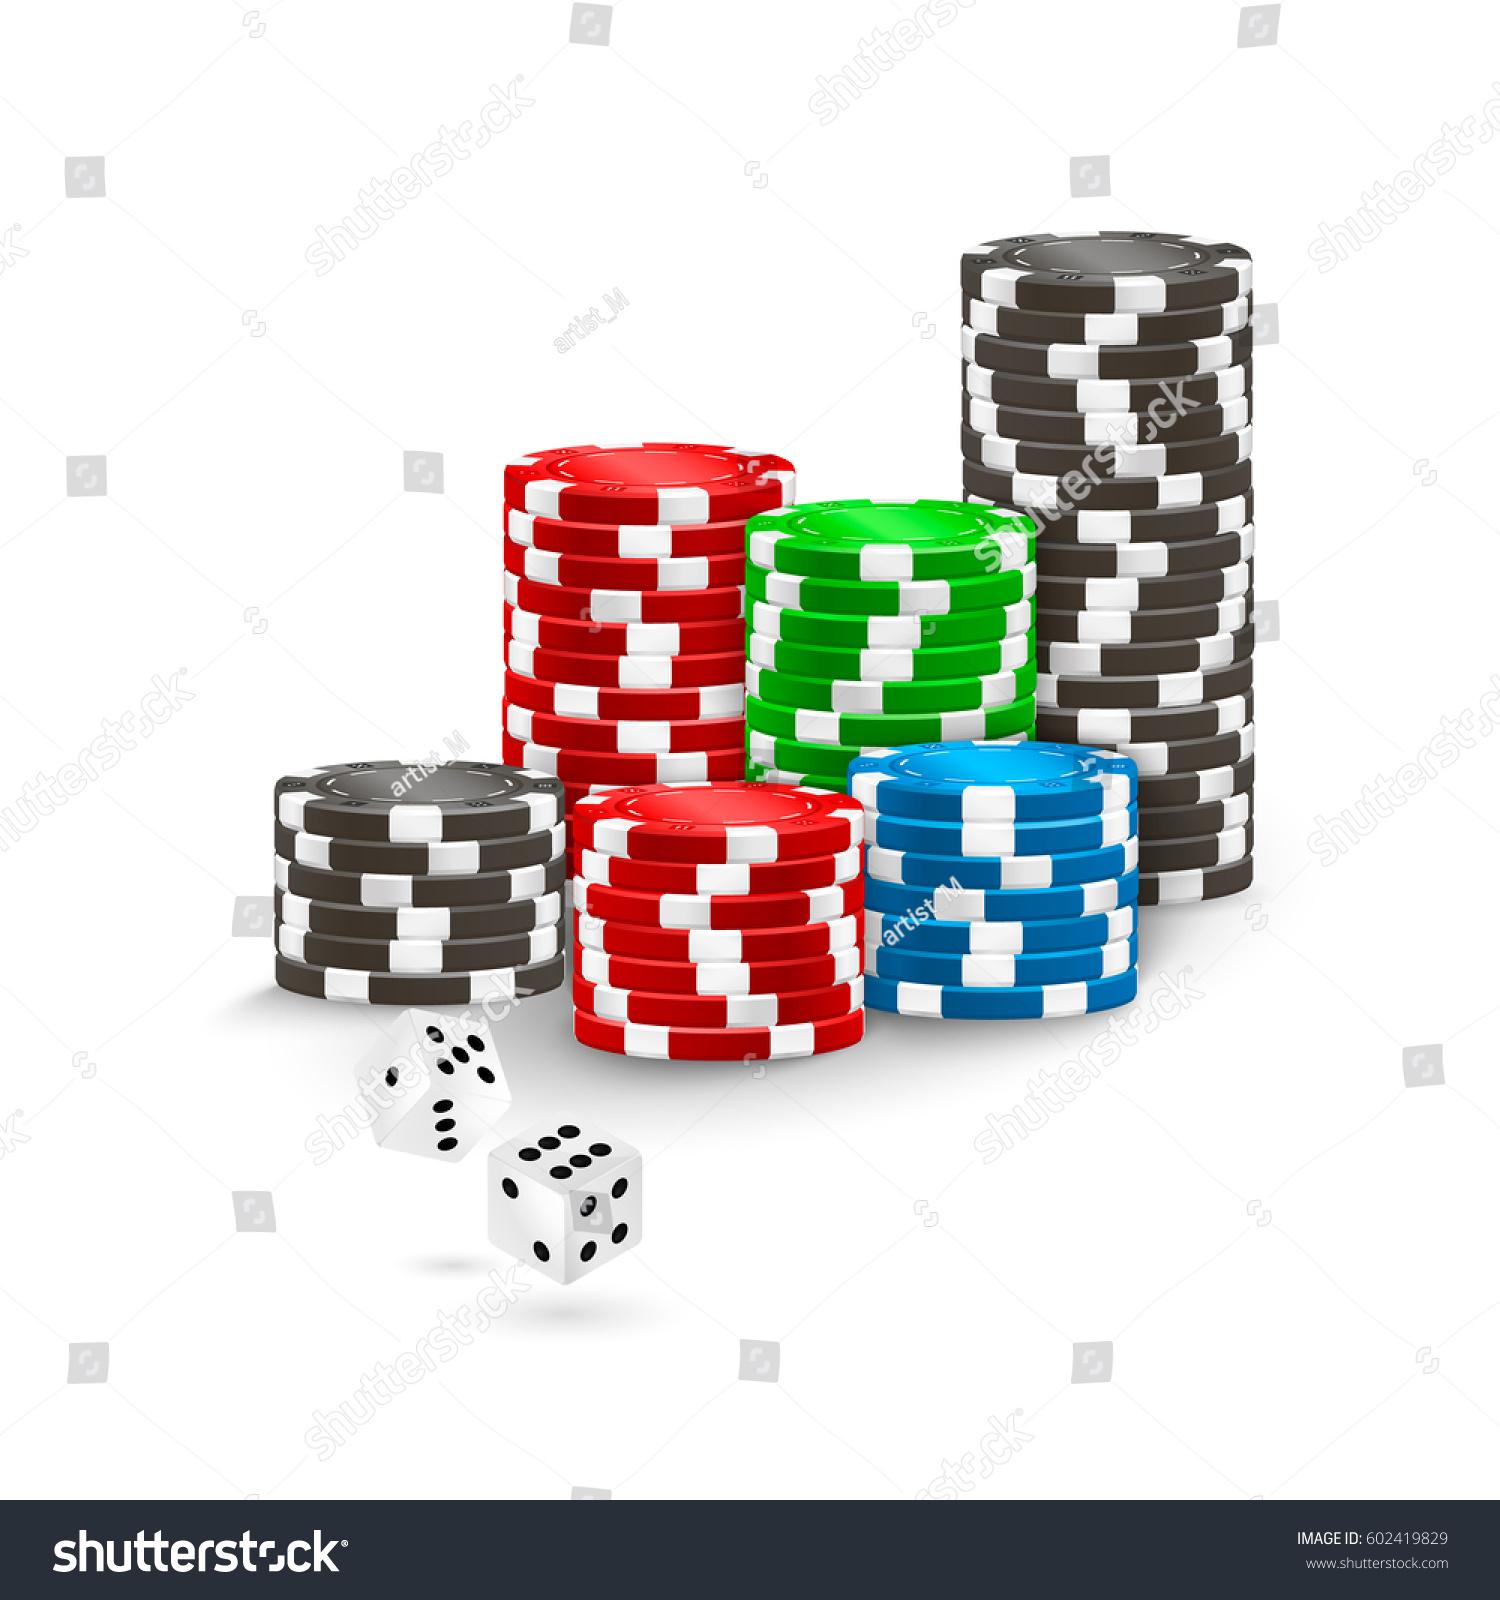 Poker Chips White Casino Dice On Stock Vector 602419829 - Shutterstock